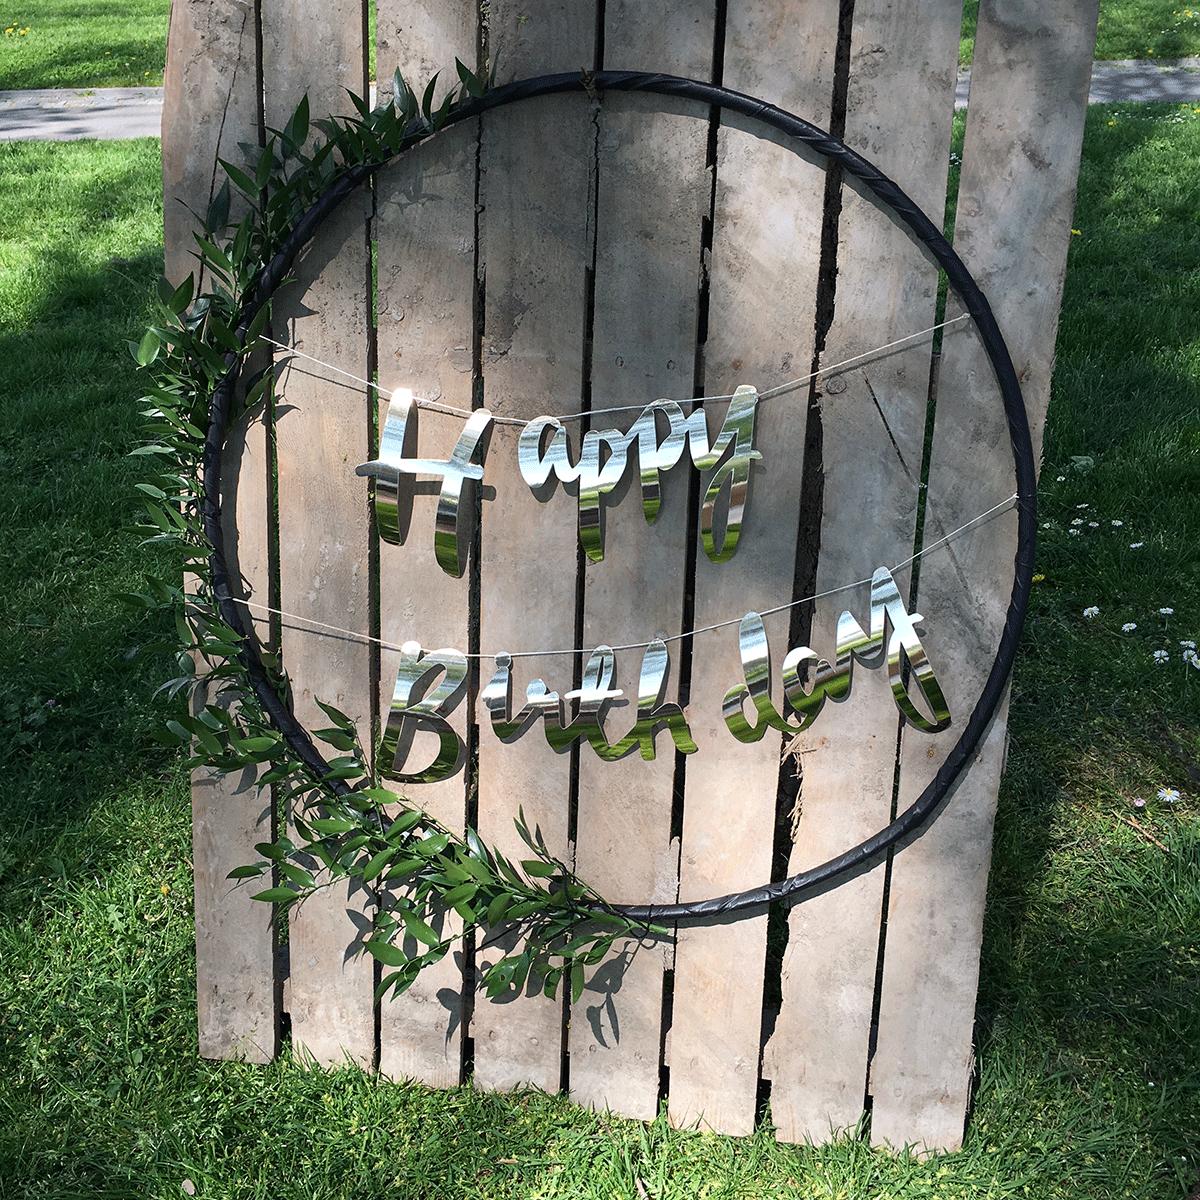 DIY-hoepel-met-bloemen-en-letters-9